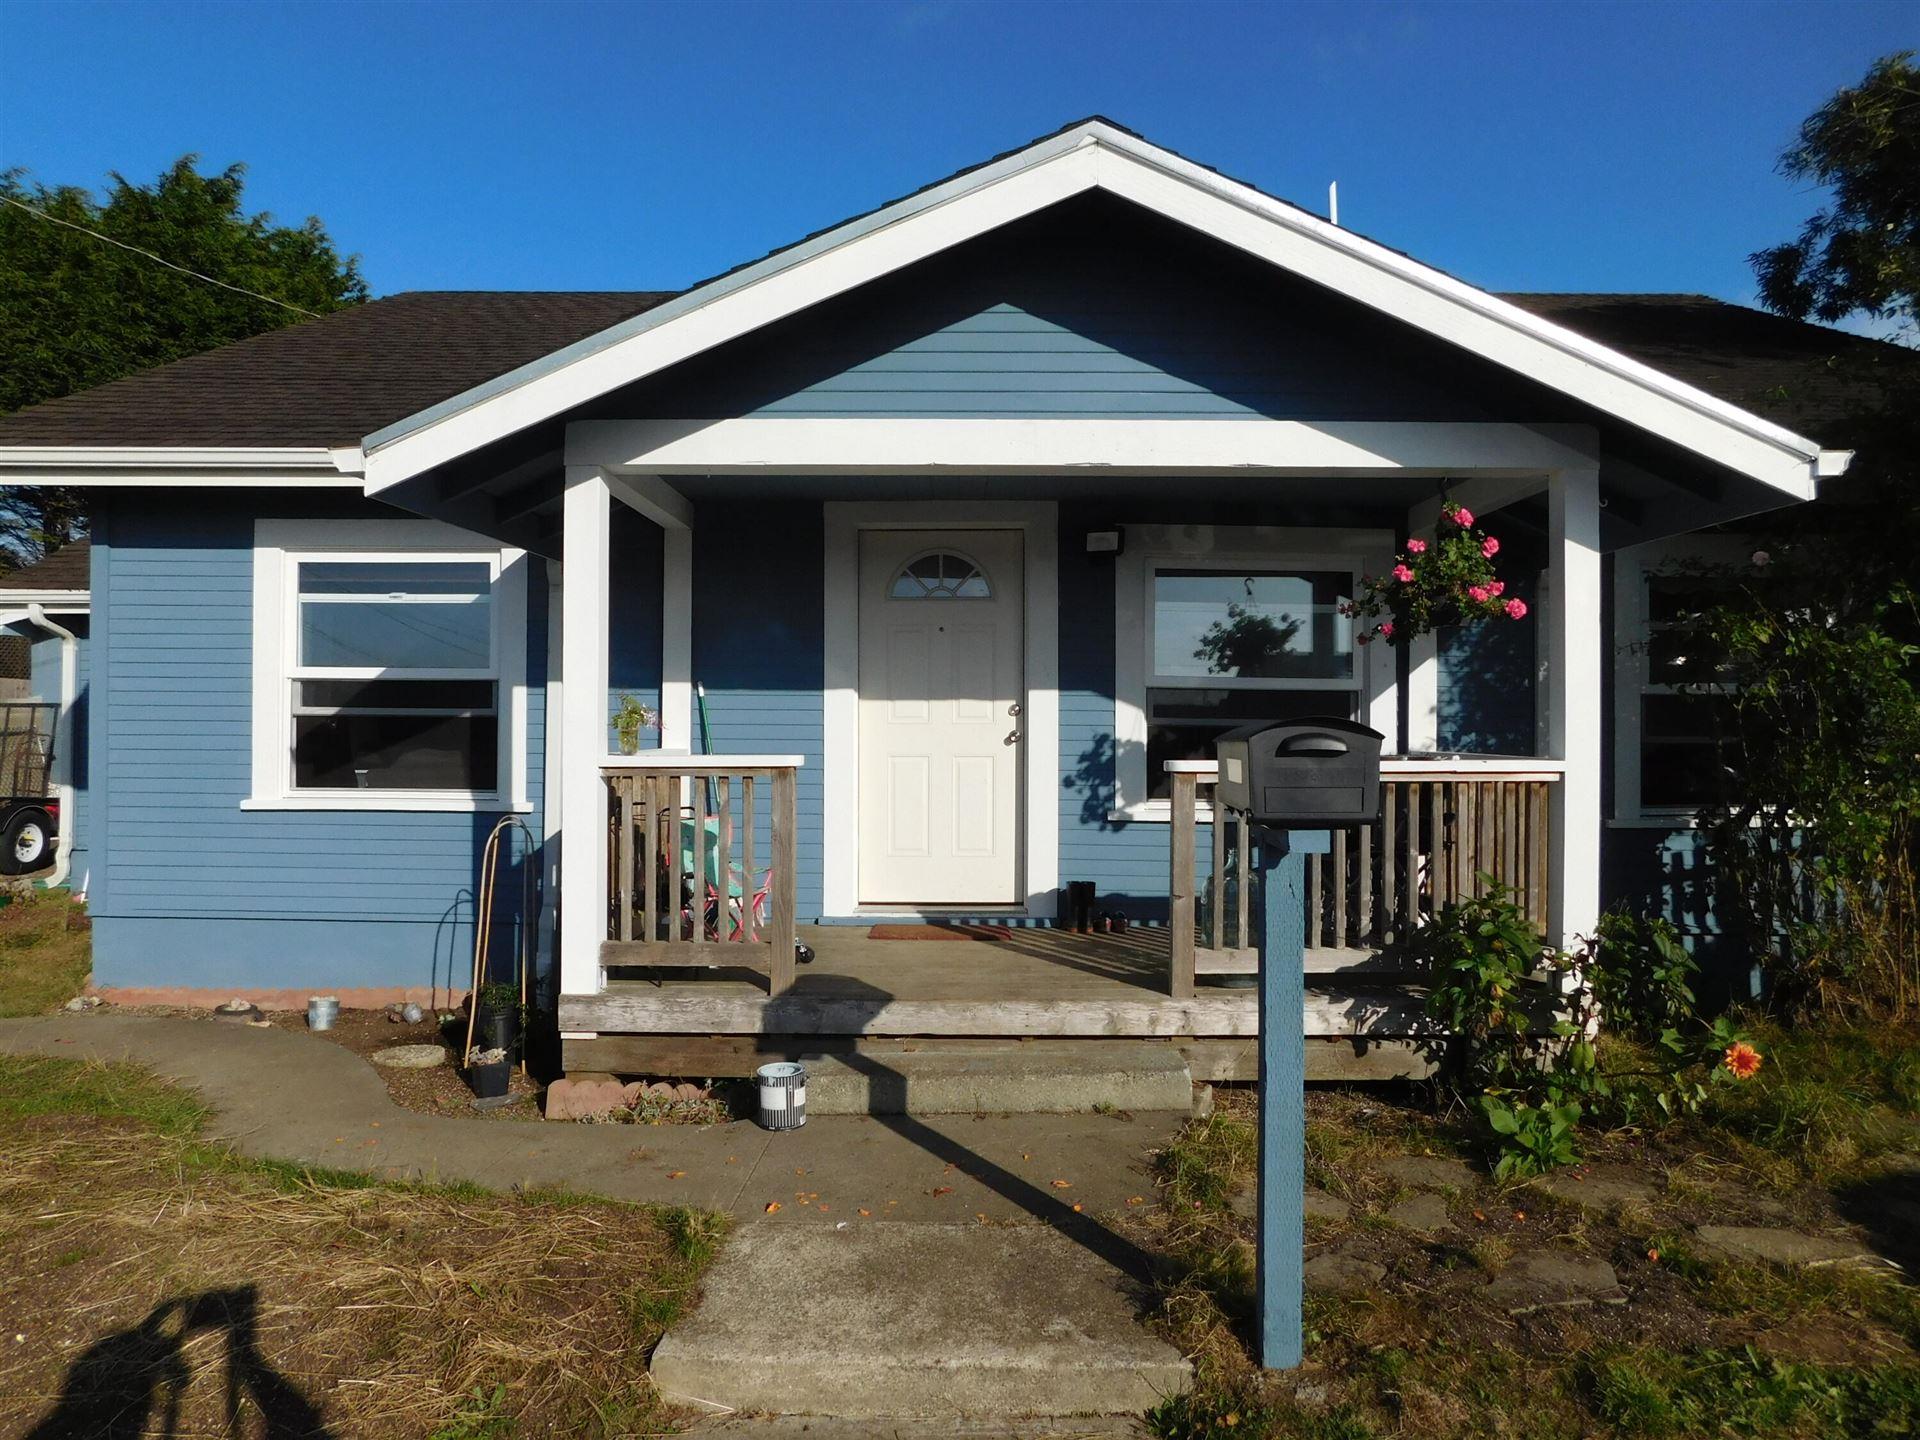 3709 Soule Street, Eureka, CA 95501 - MLS#: 260318